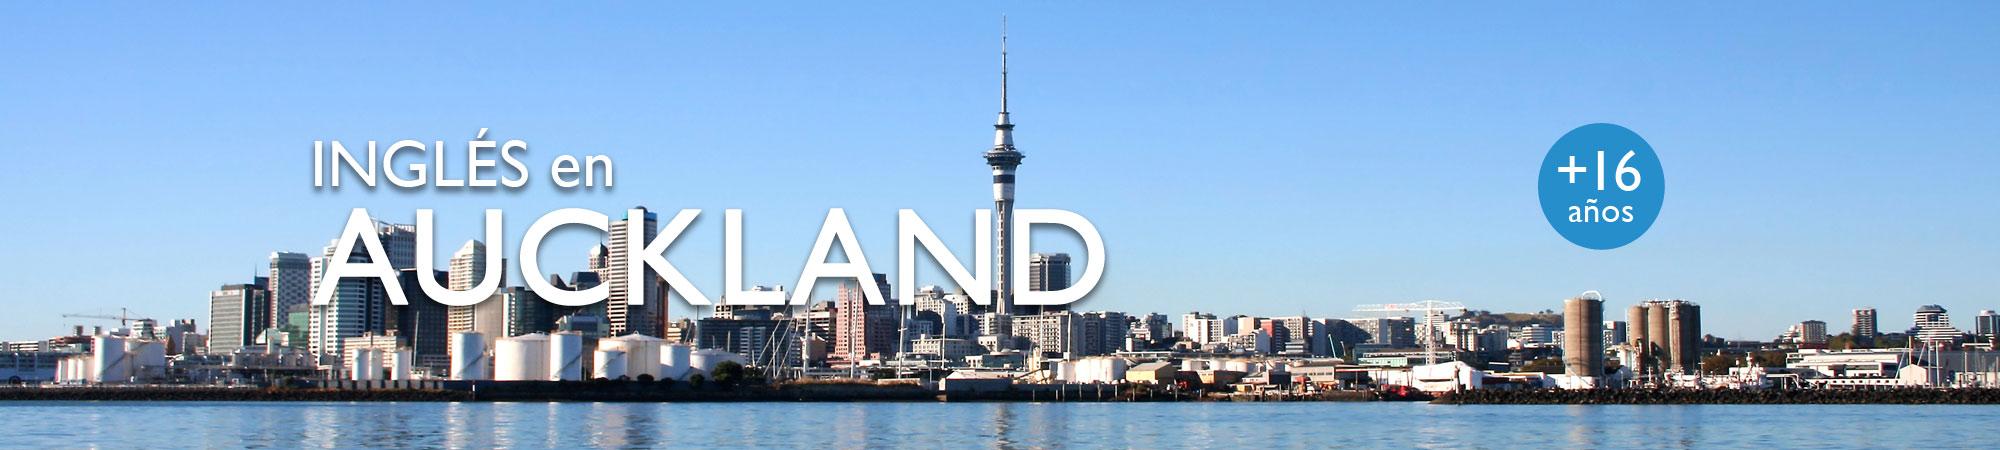 Cursos de ingles en Nueva Zelanda Auckland Midleton School